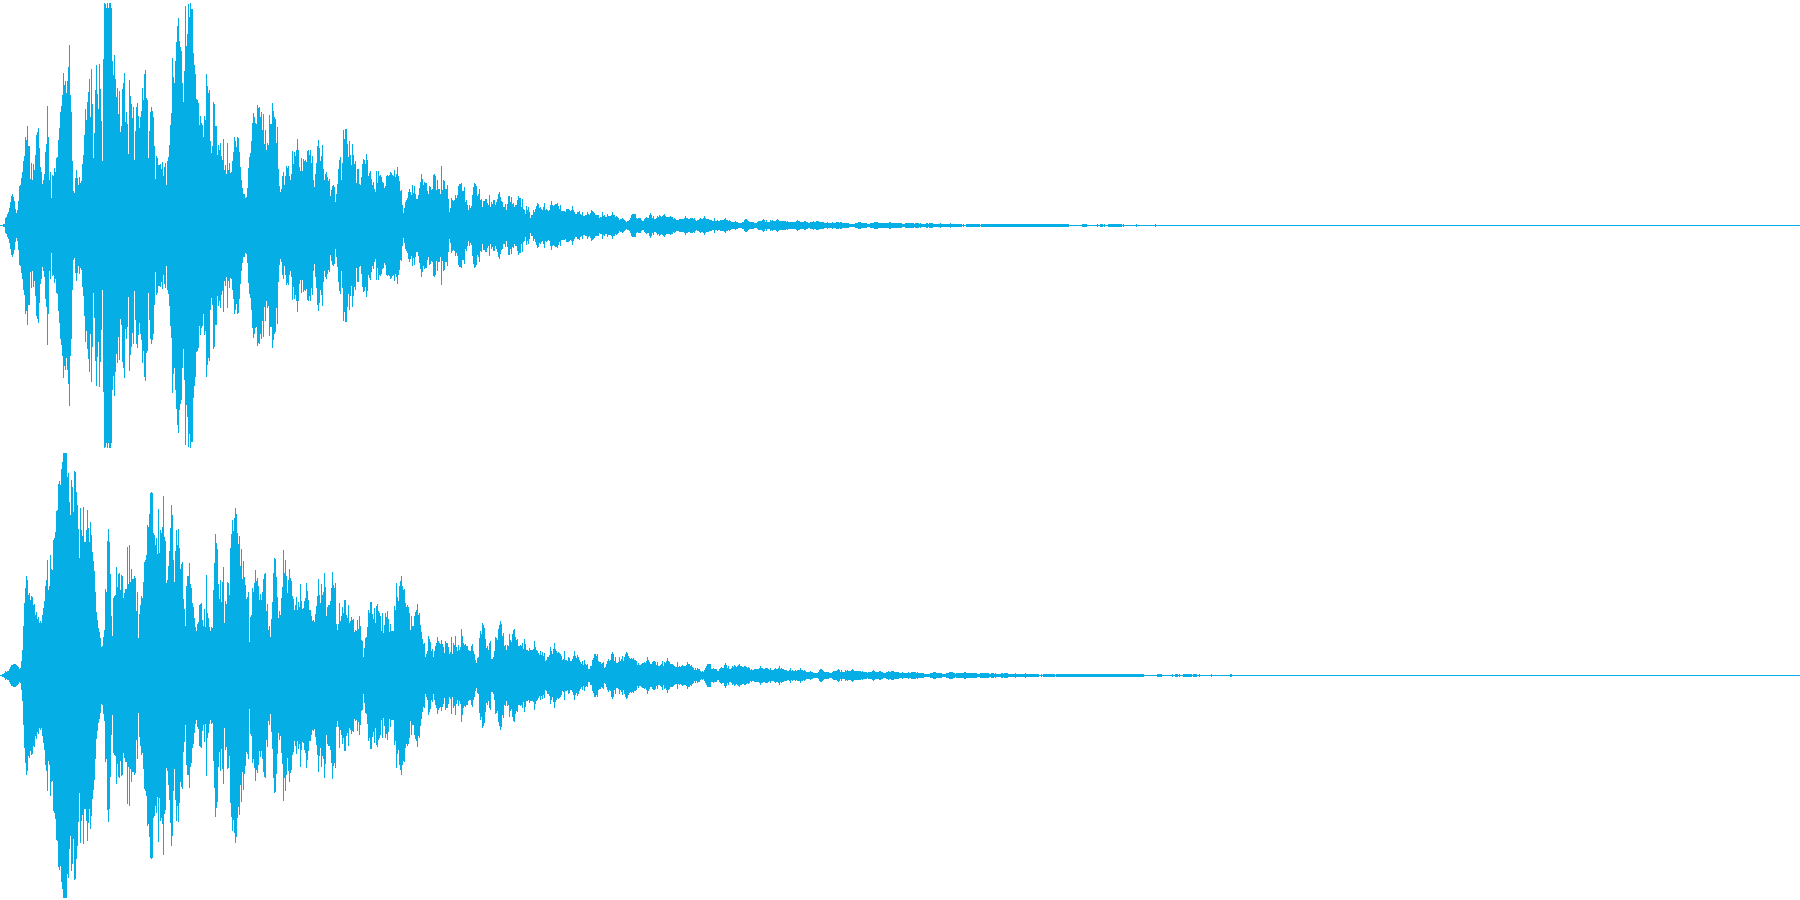 Hint 閃き 点と線が繋がる SEの再生済みの波形